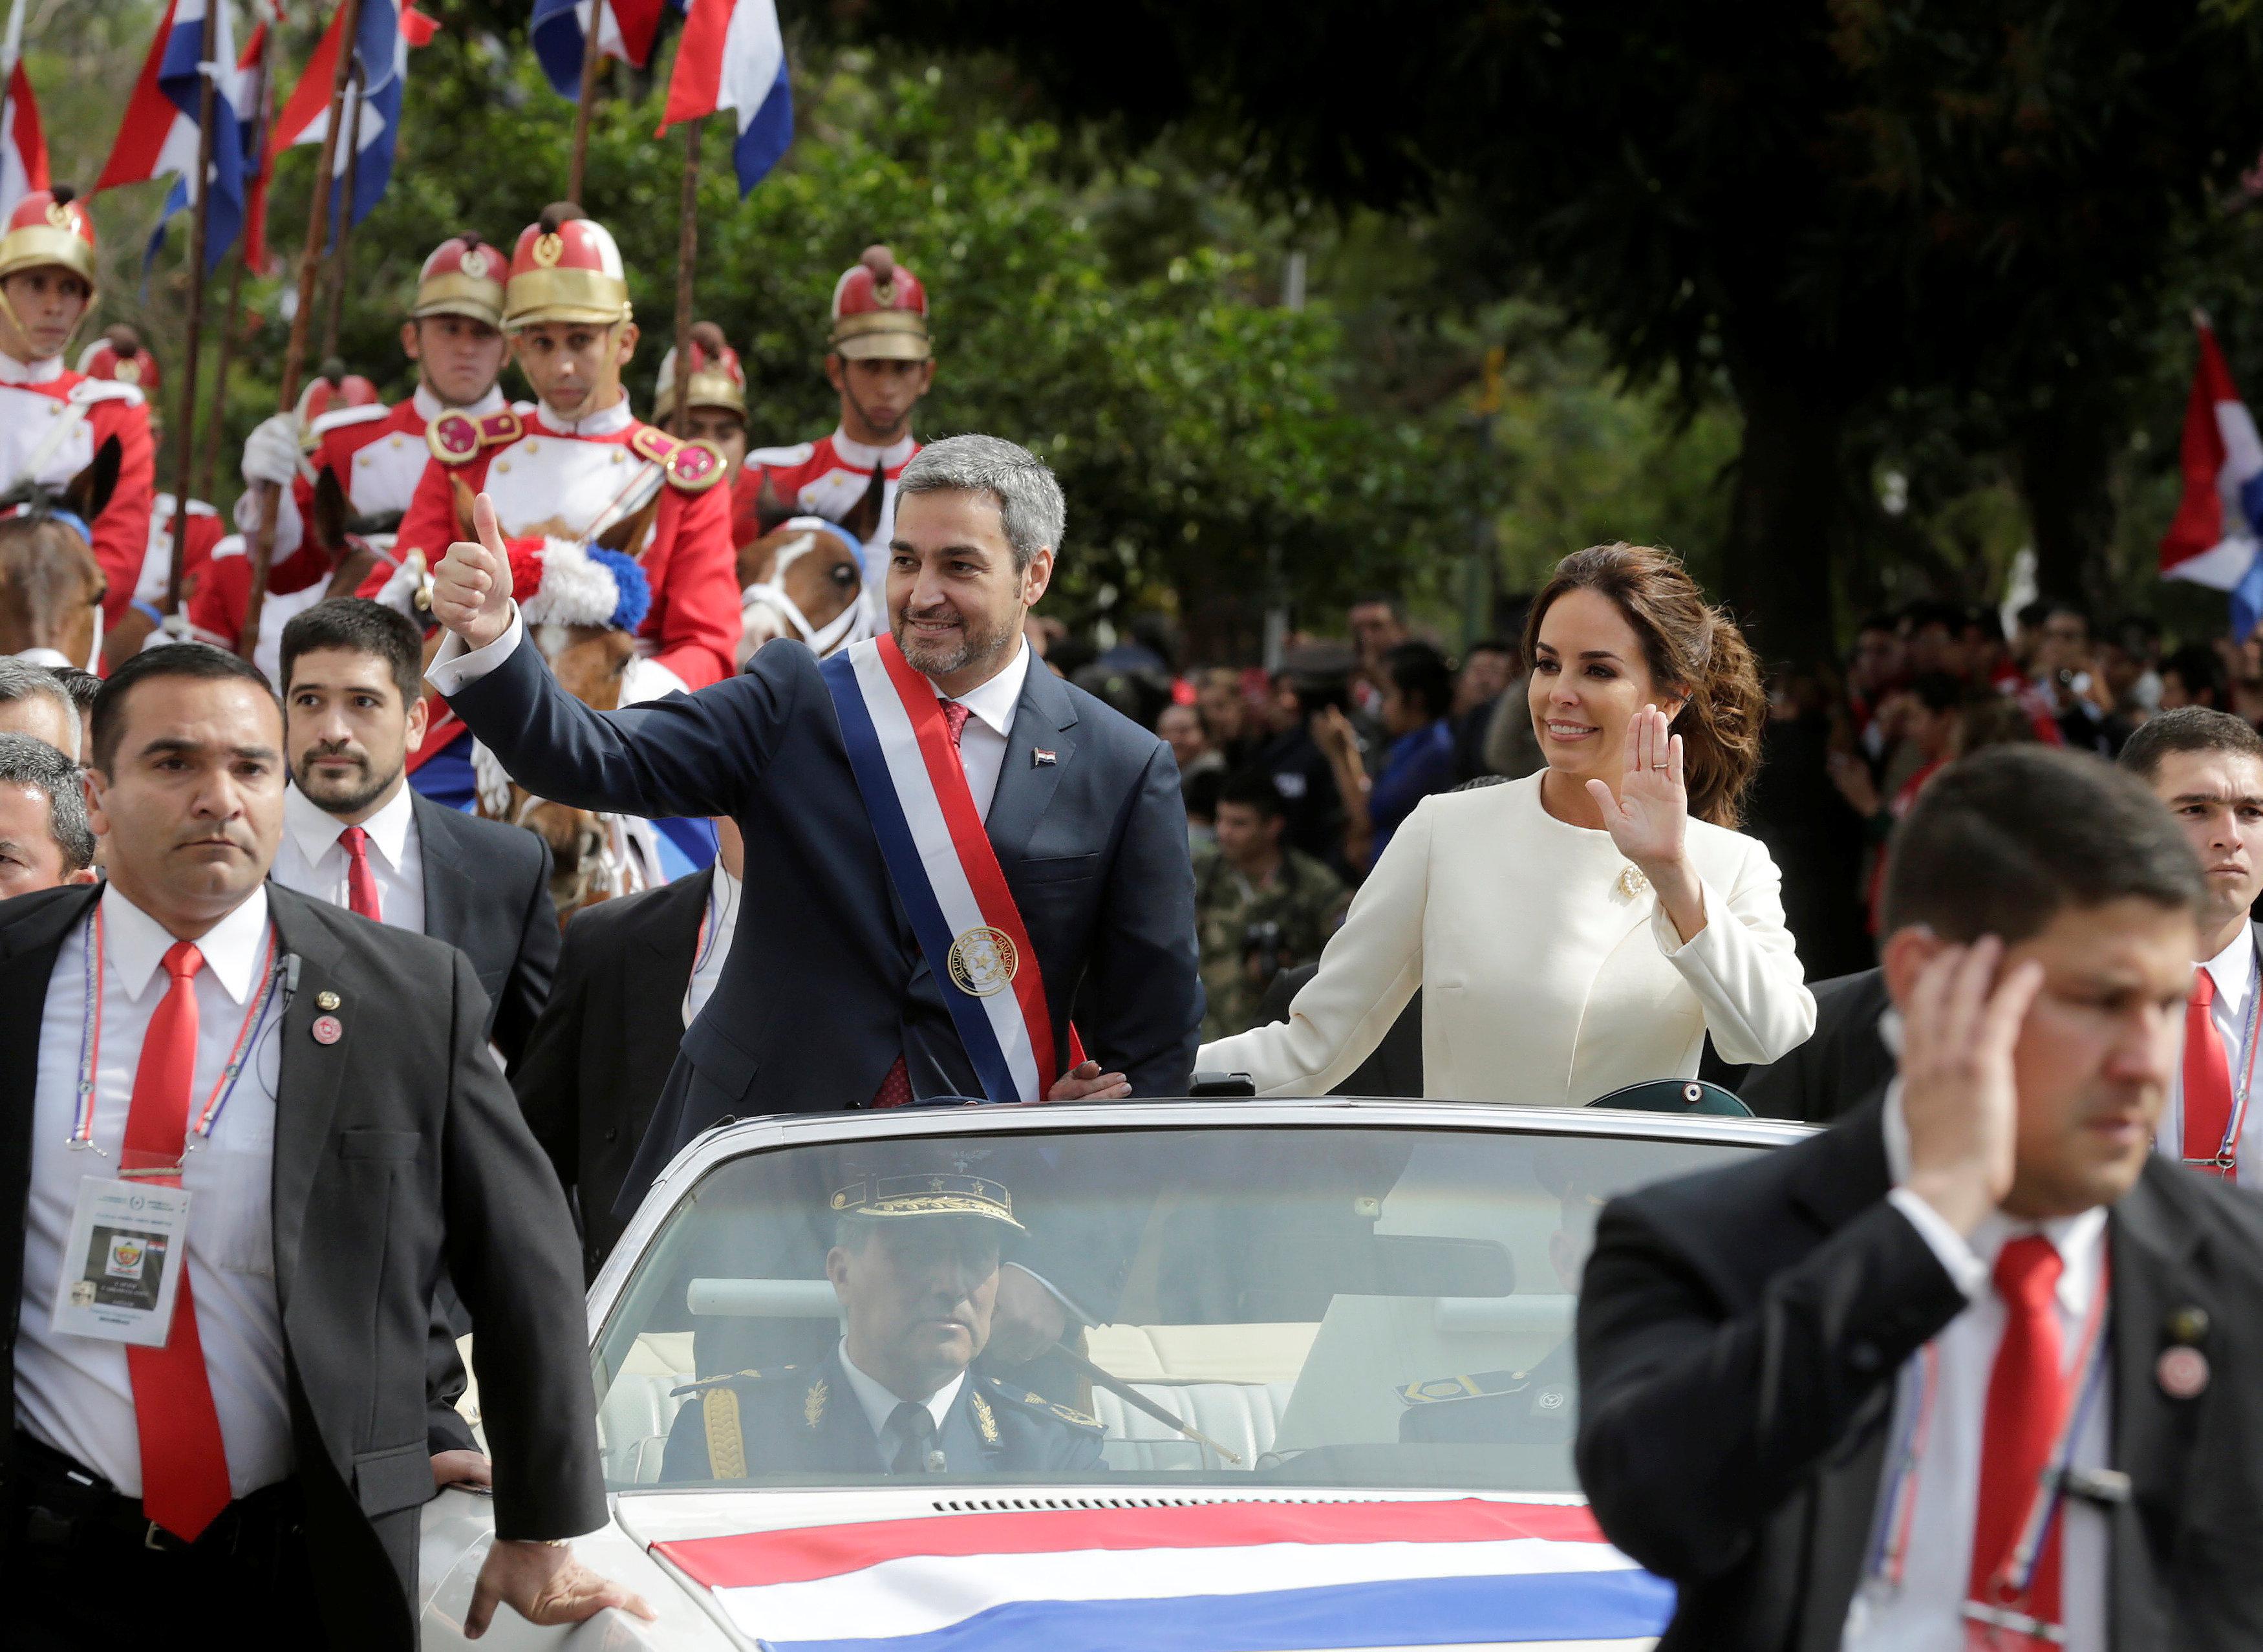 El presidente de Paraguay, Mario Abdo Benítez junto a su esposa Silvana López tras la investidura